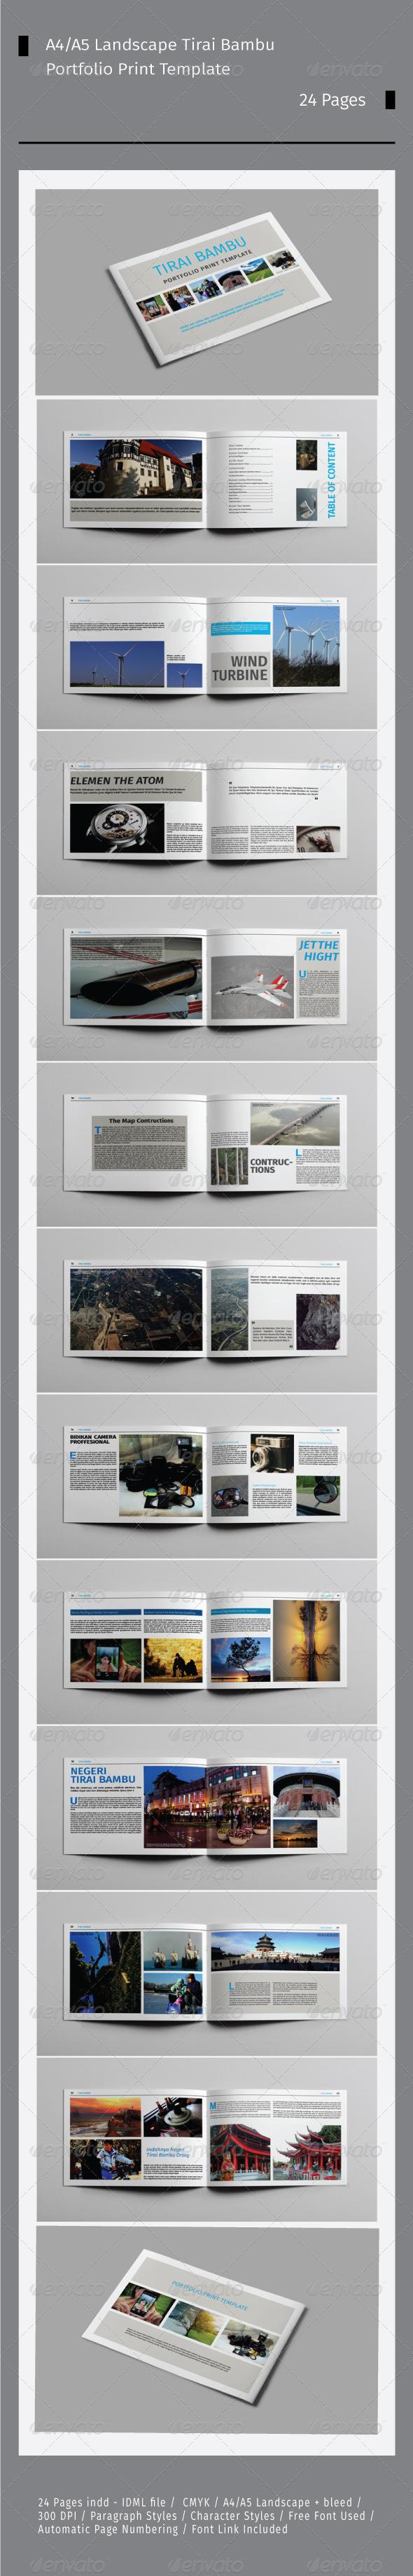 GraphicRiver A4 A5 Landscape Tirai Bambu Portfolio 7988909